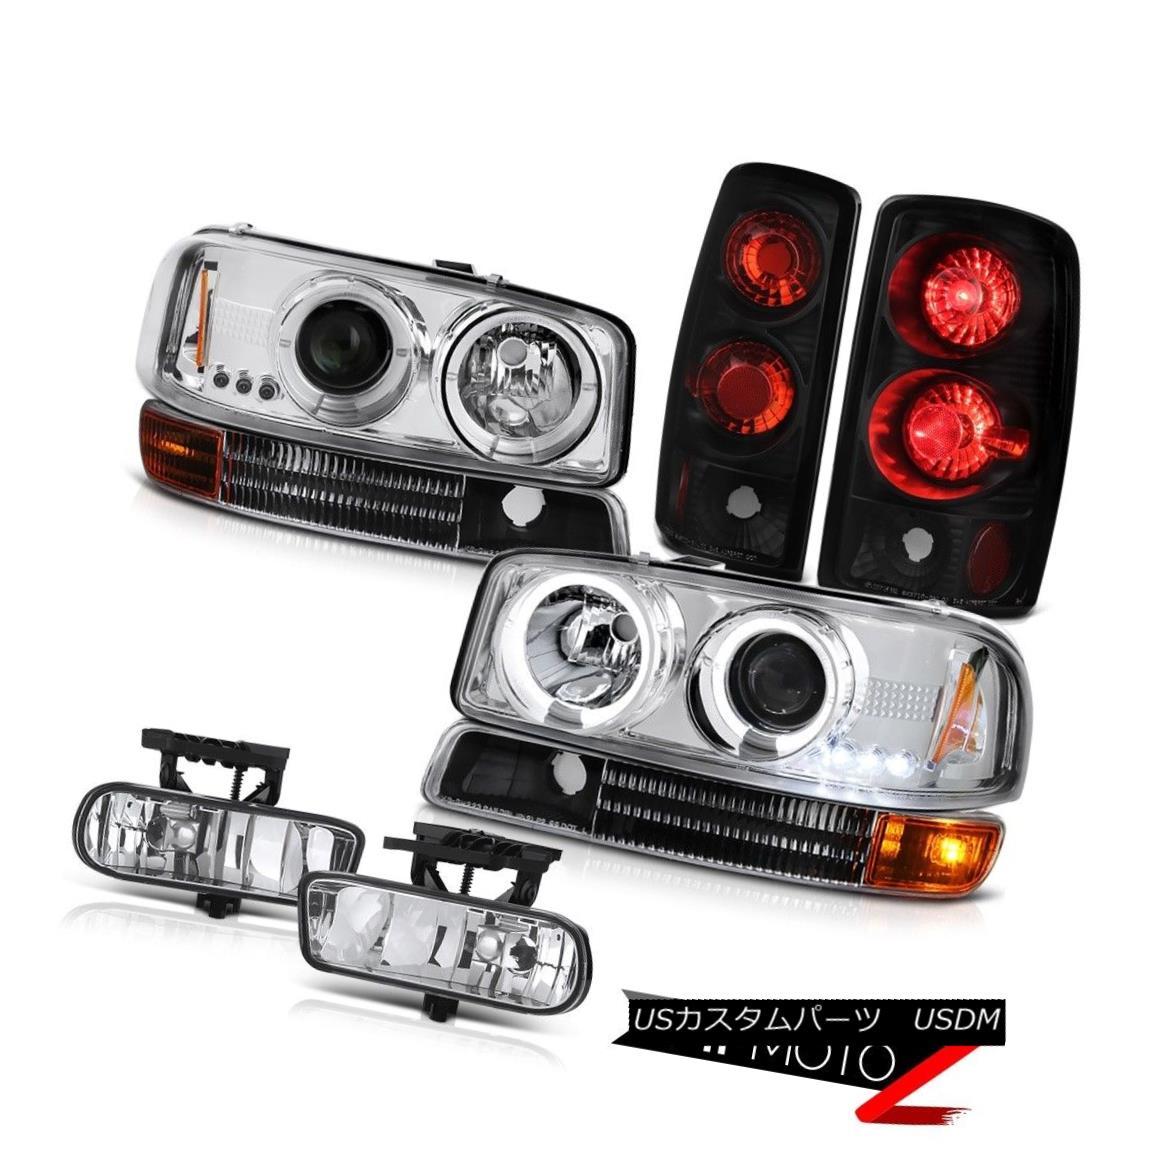 ヘッドライト Crystal Halo LED Headlights Signal Bumper Taillights FogLight 00-06 Yukon GMT800 クリスタルハローLEDヘッドライト信号バンパーテールライトFogLight 00-06ユーコンGMT800